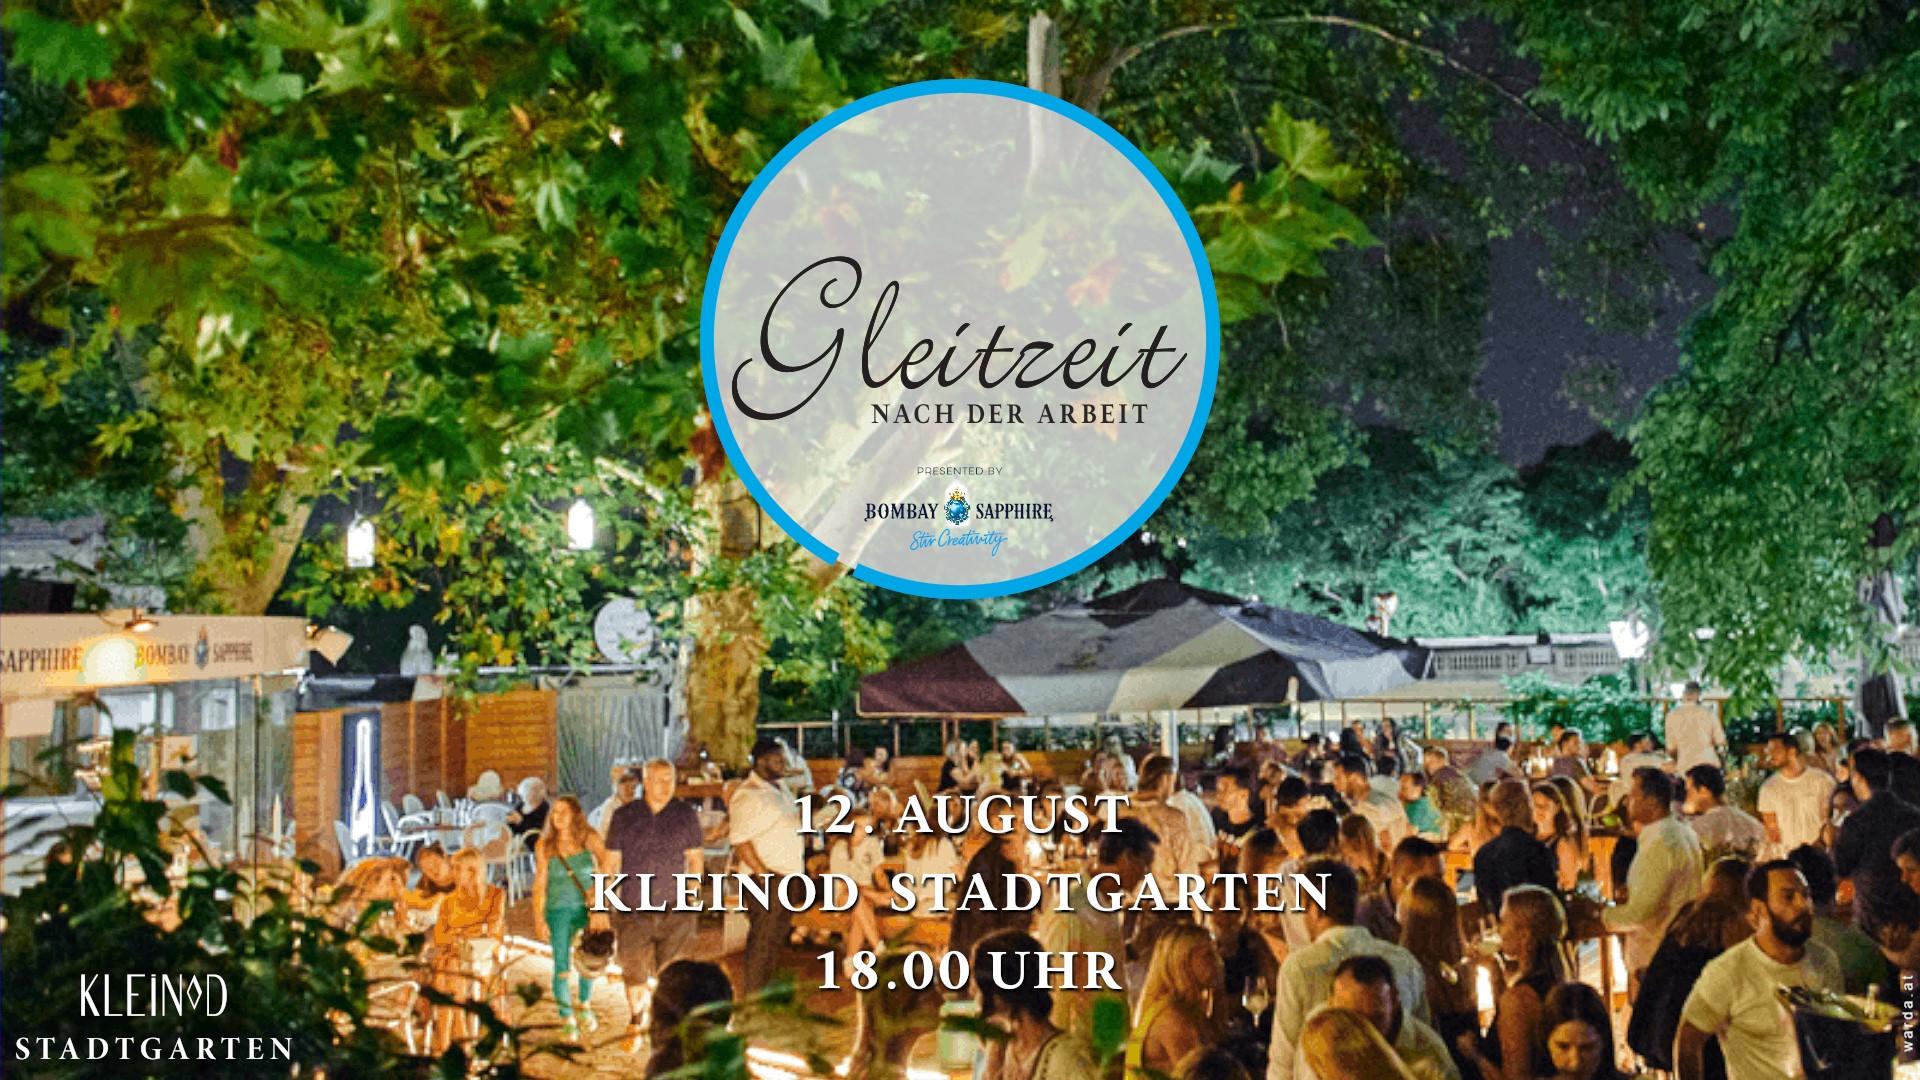 Events Wien: Gleitzeit Afterwork im Kleinod Stadtgarten – 12. August